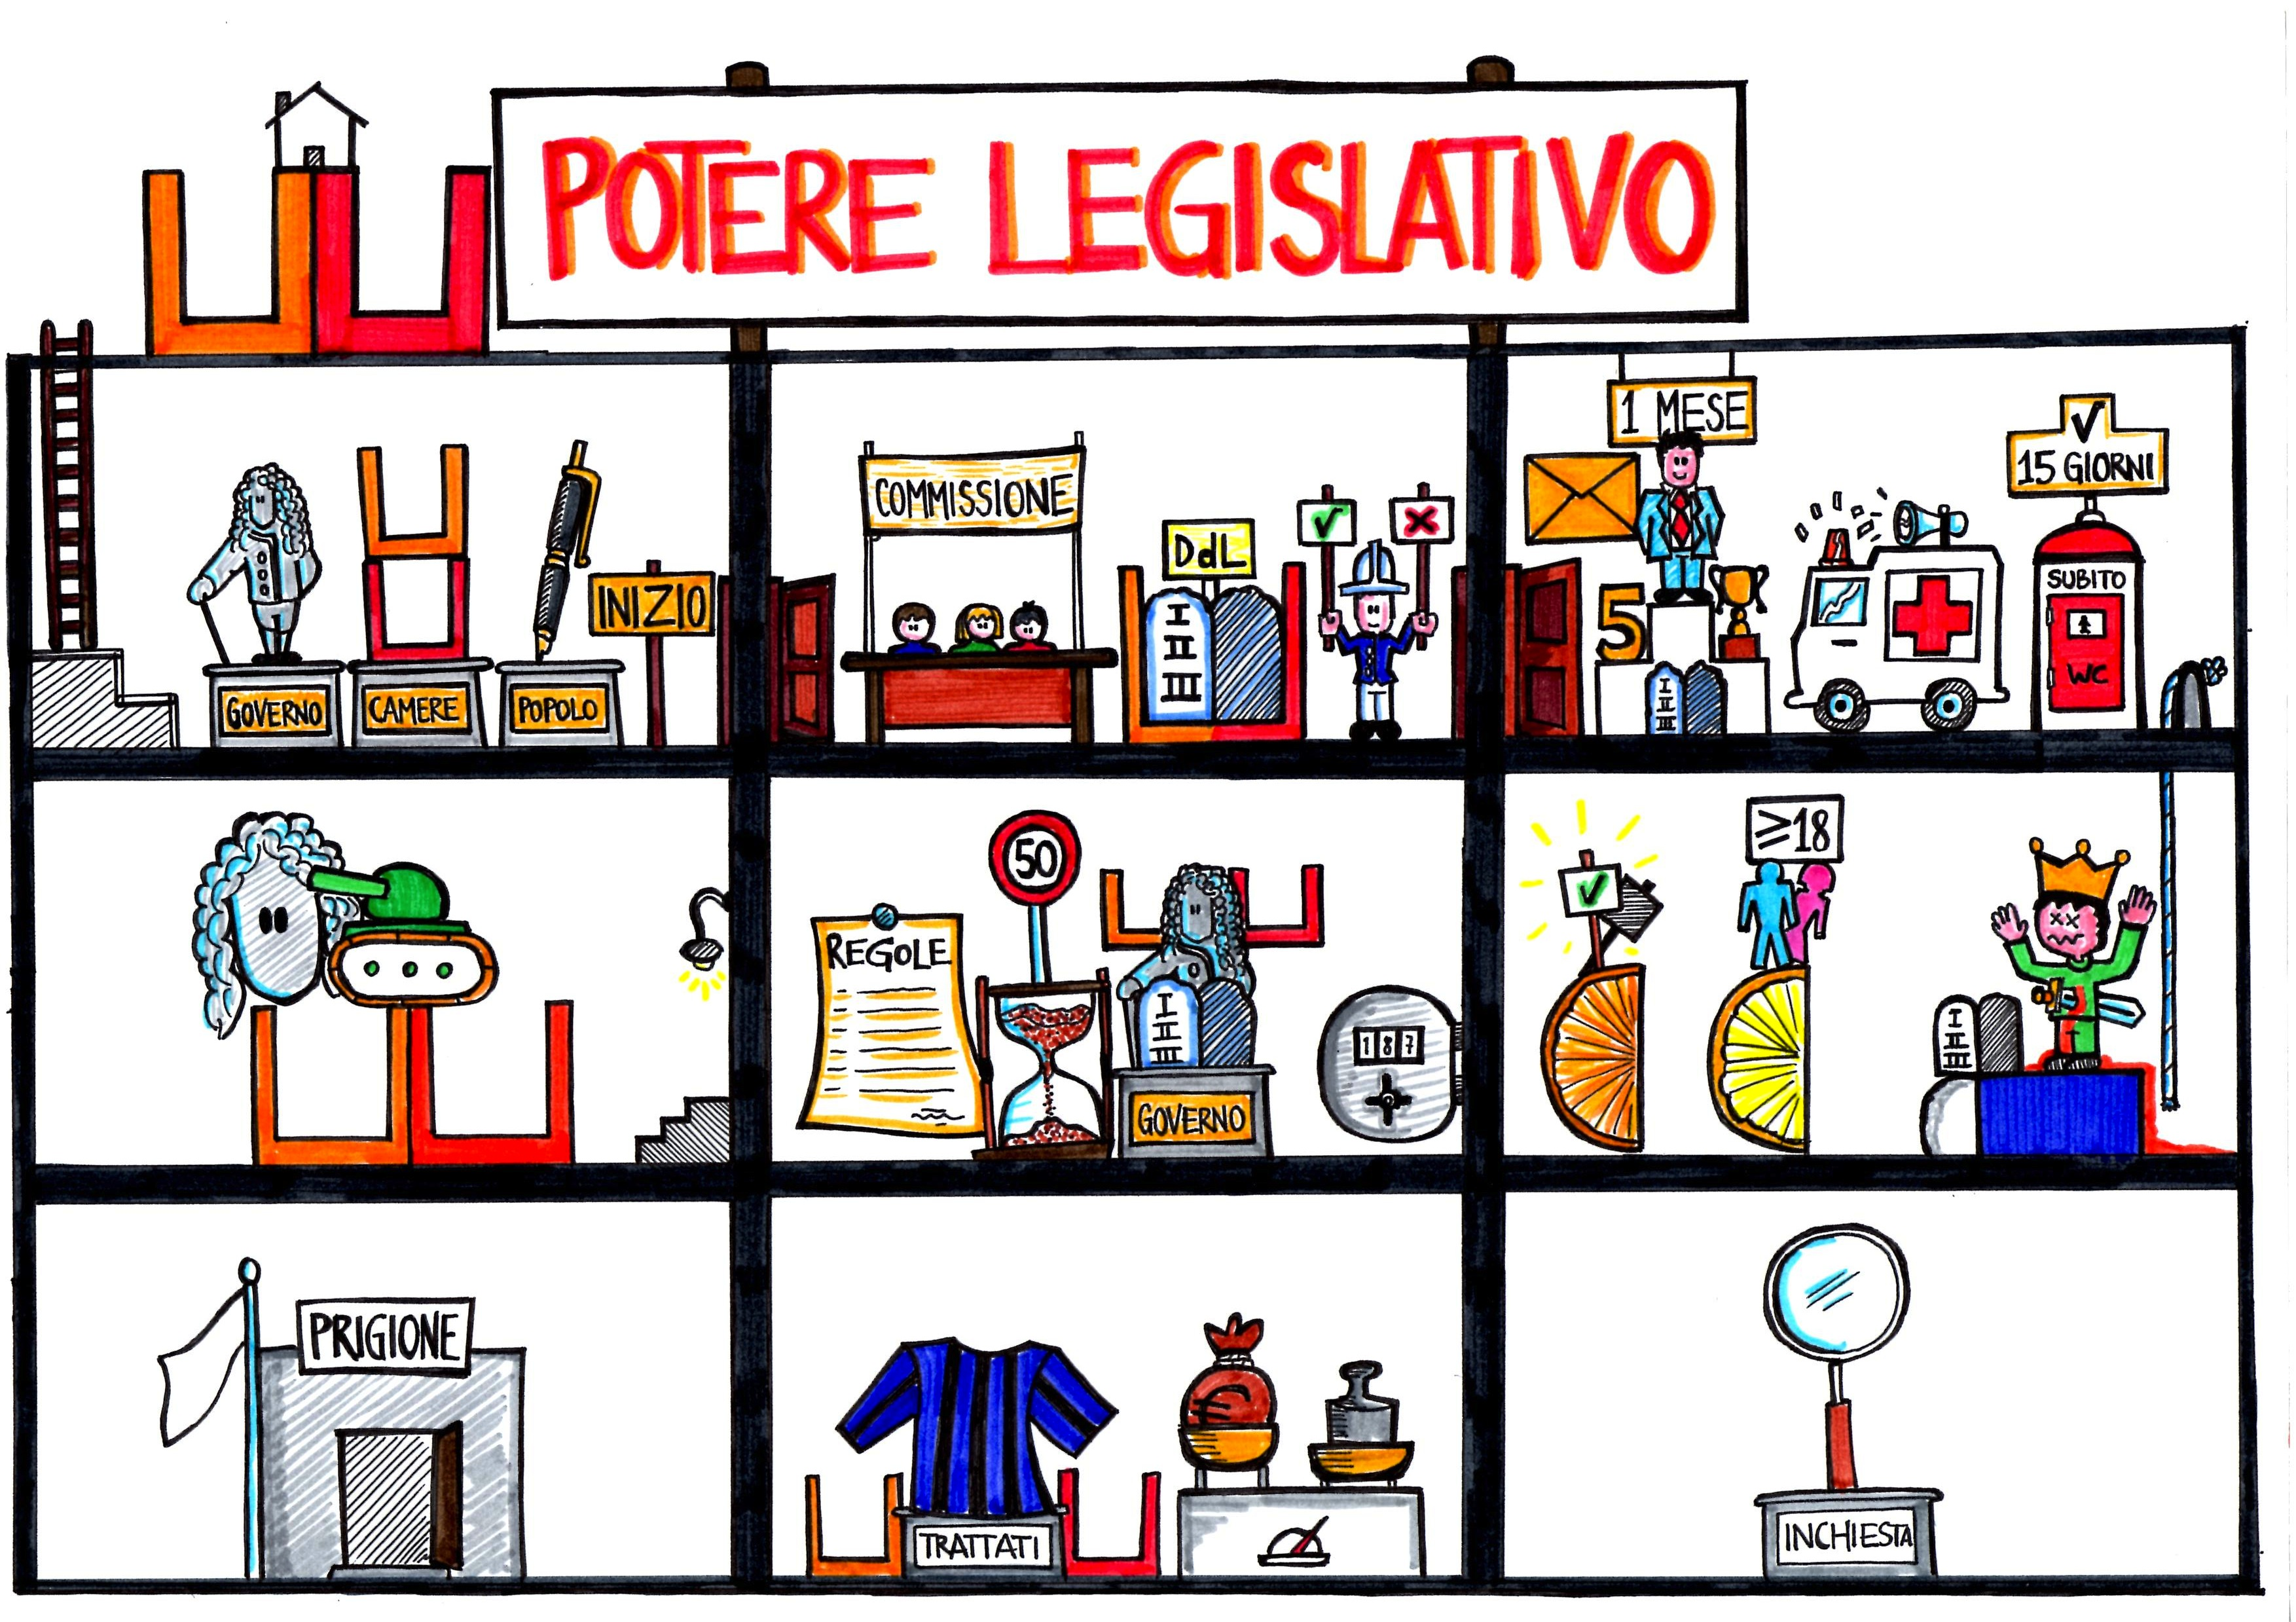 Cittadinanza e costituzione diegocare 39 s blog for Parlamento italiano schema